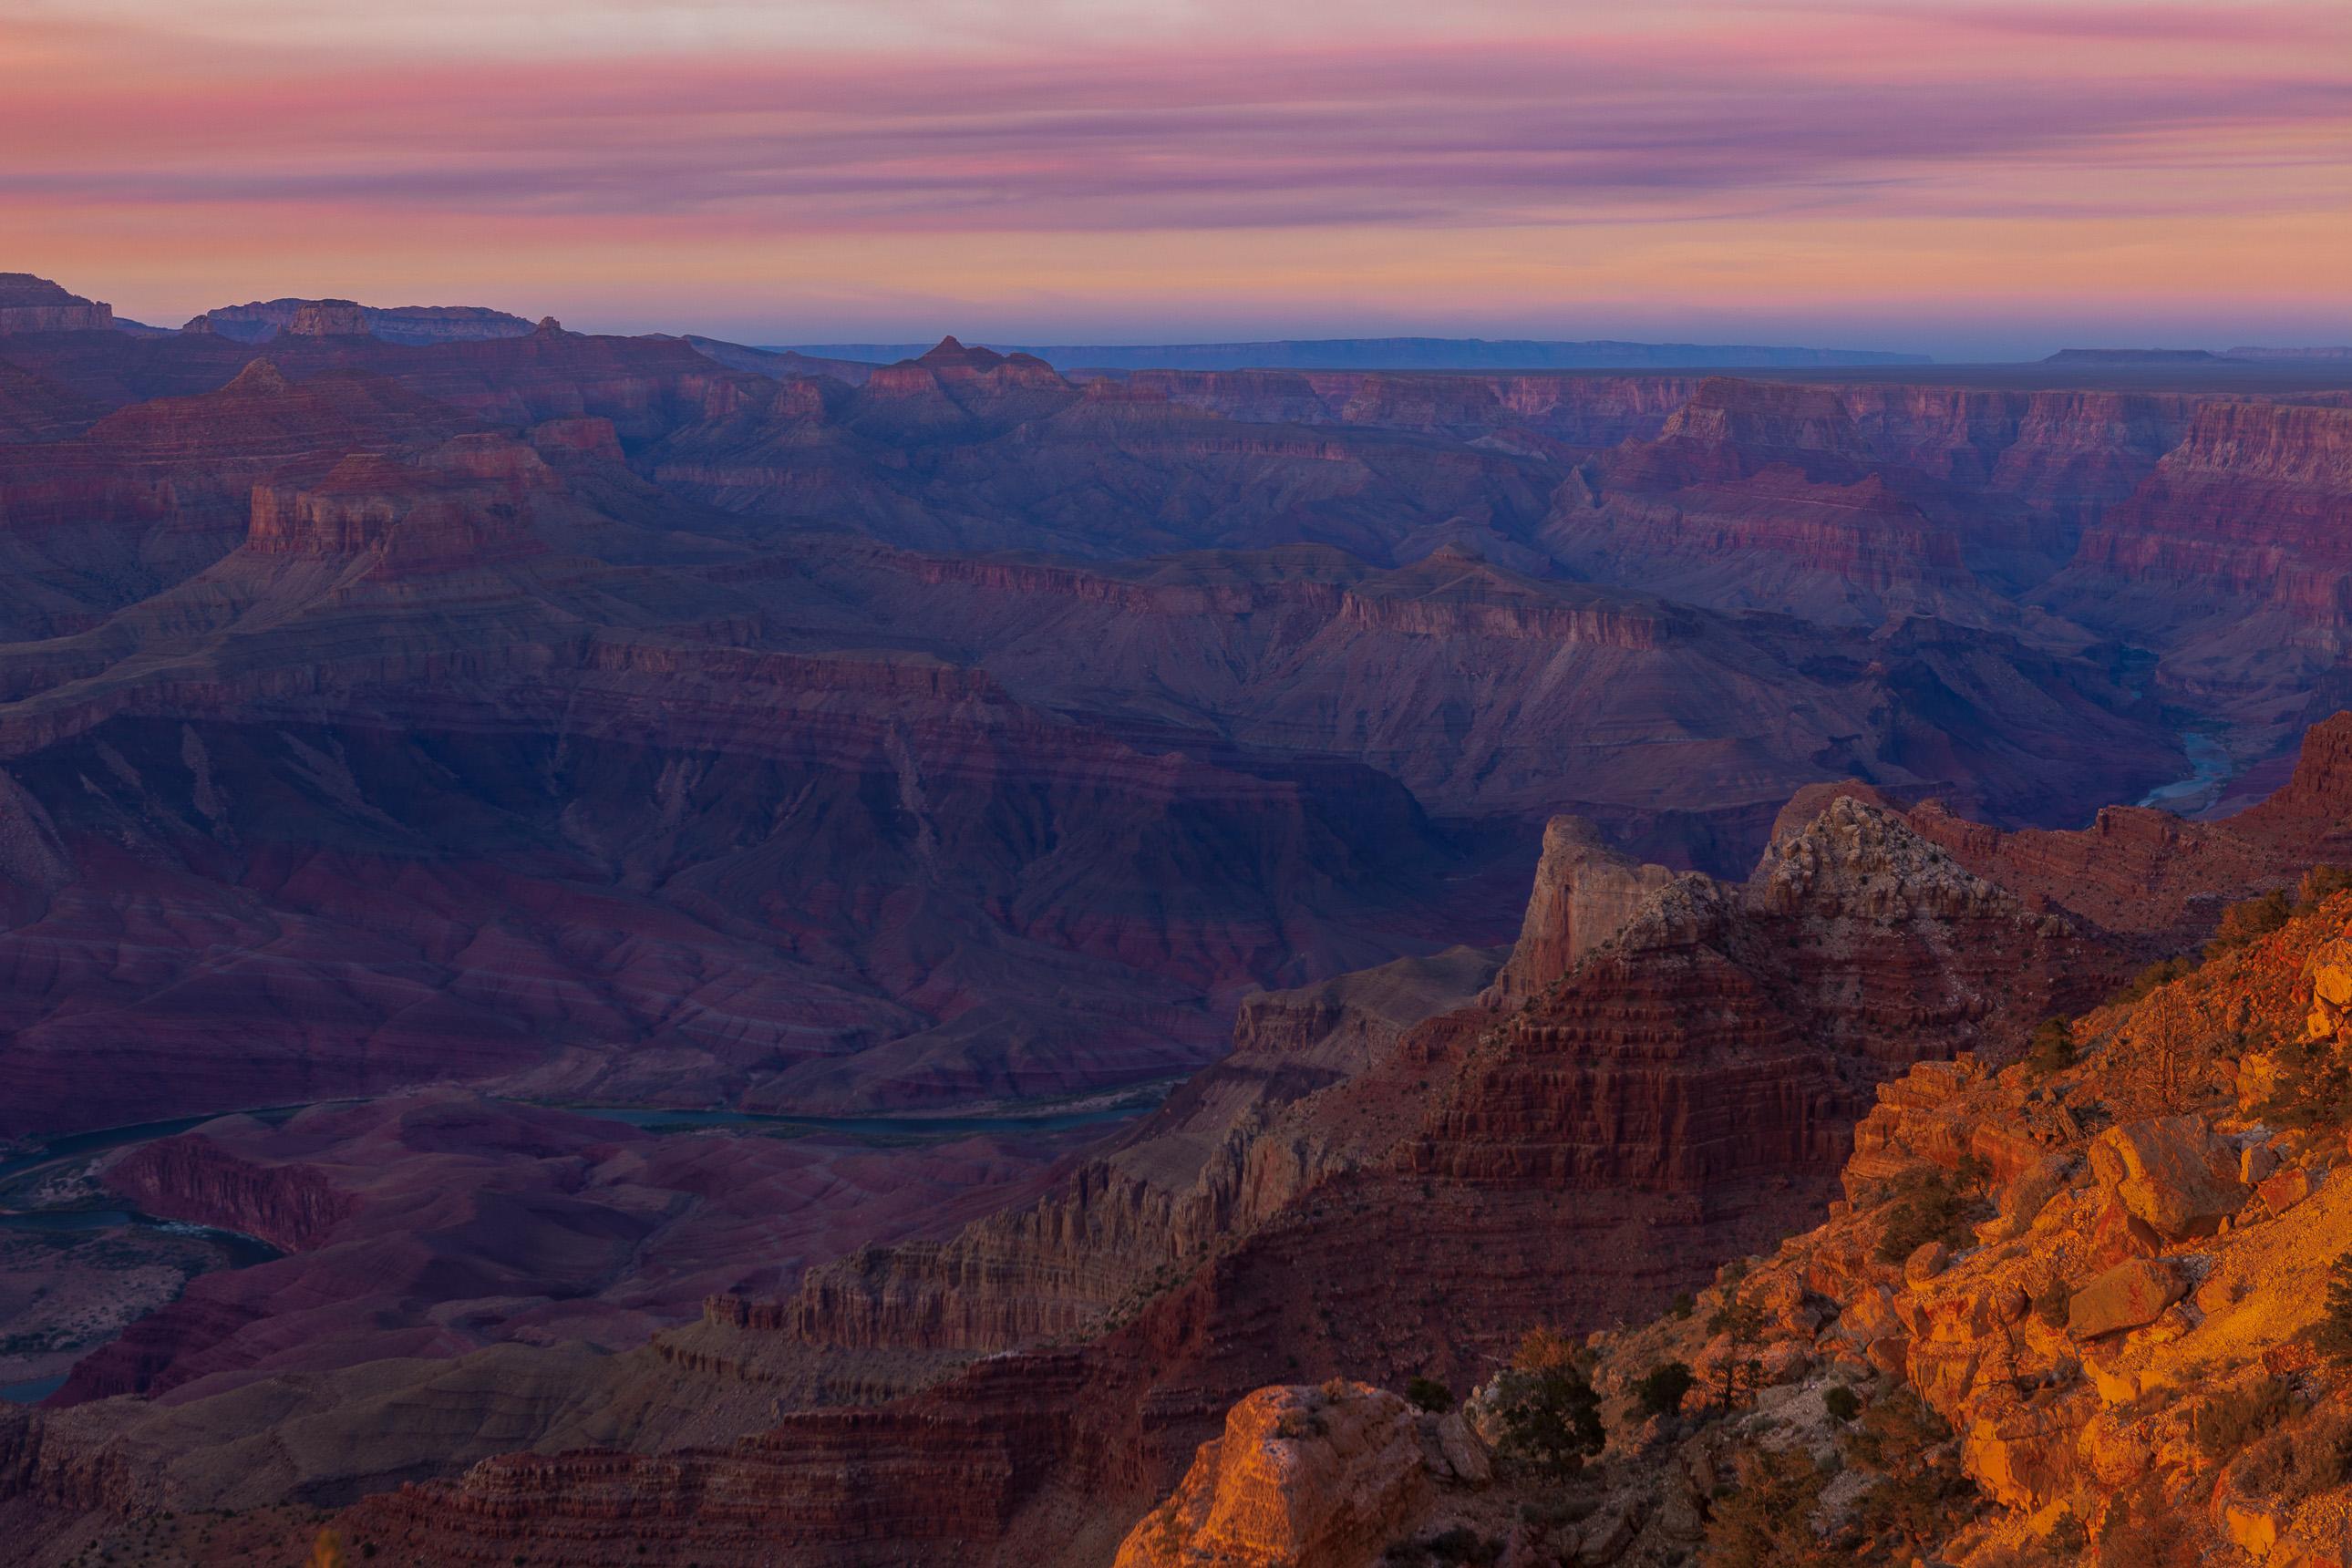 The Colorado River Through the Grand Canyon